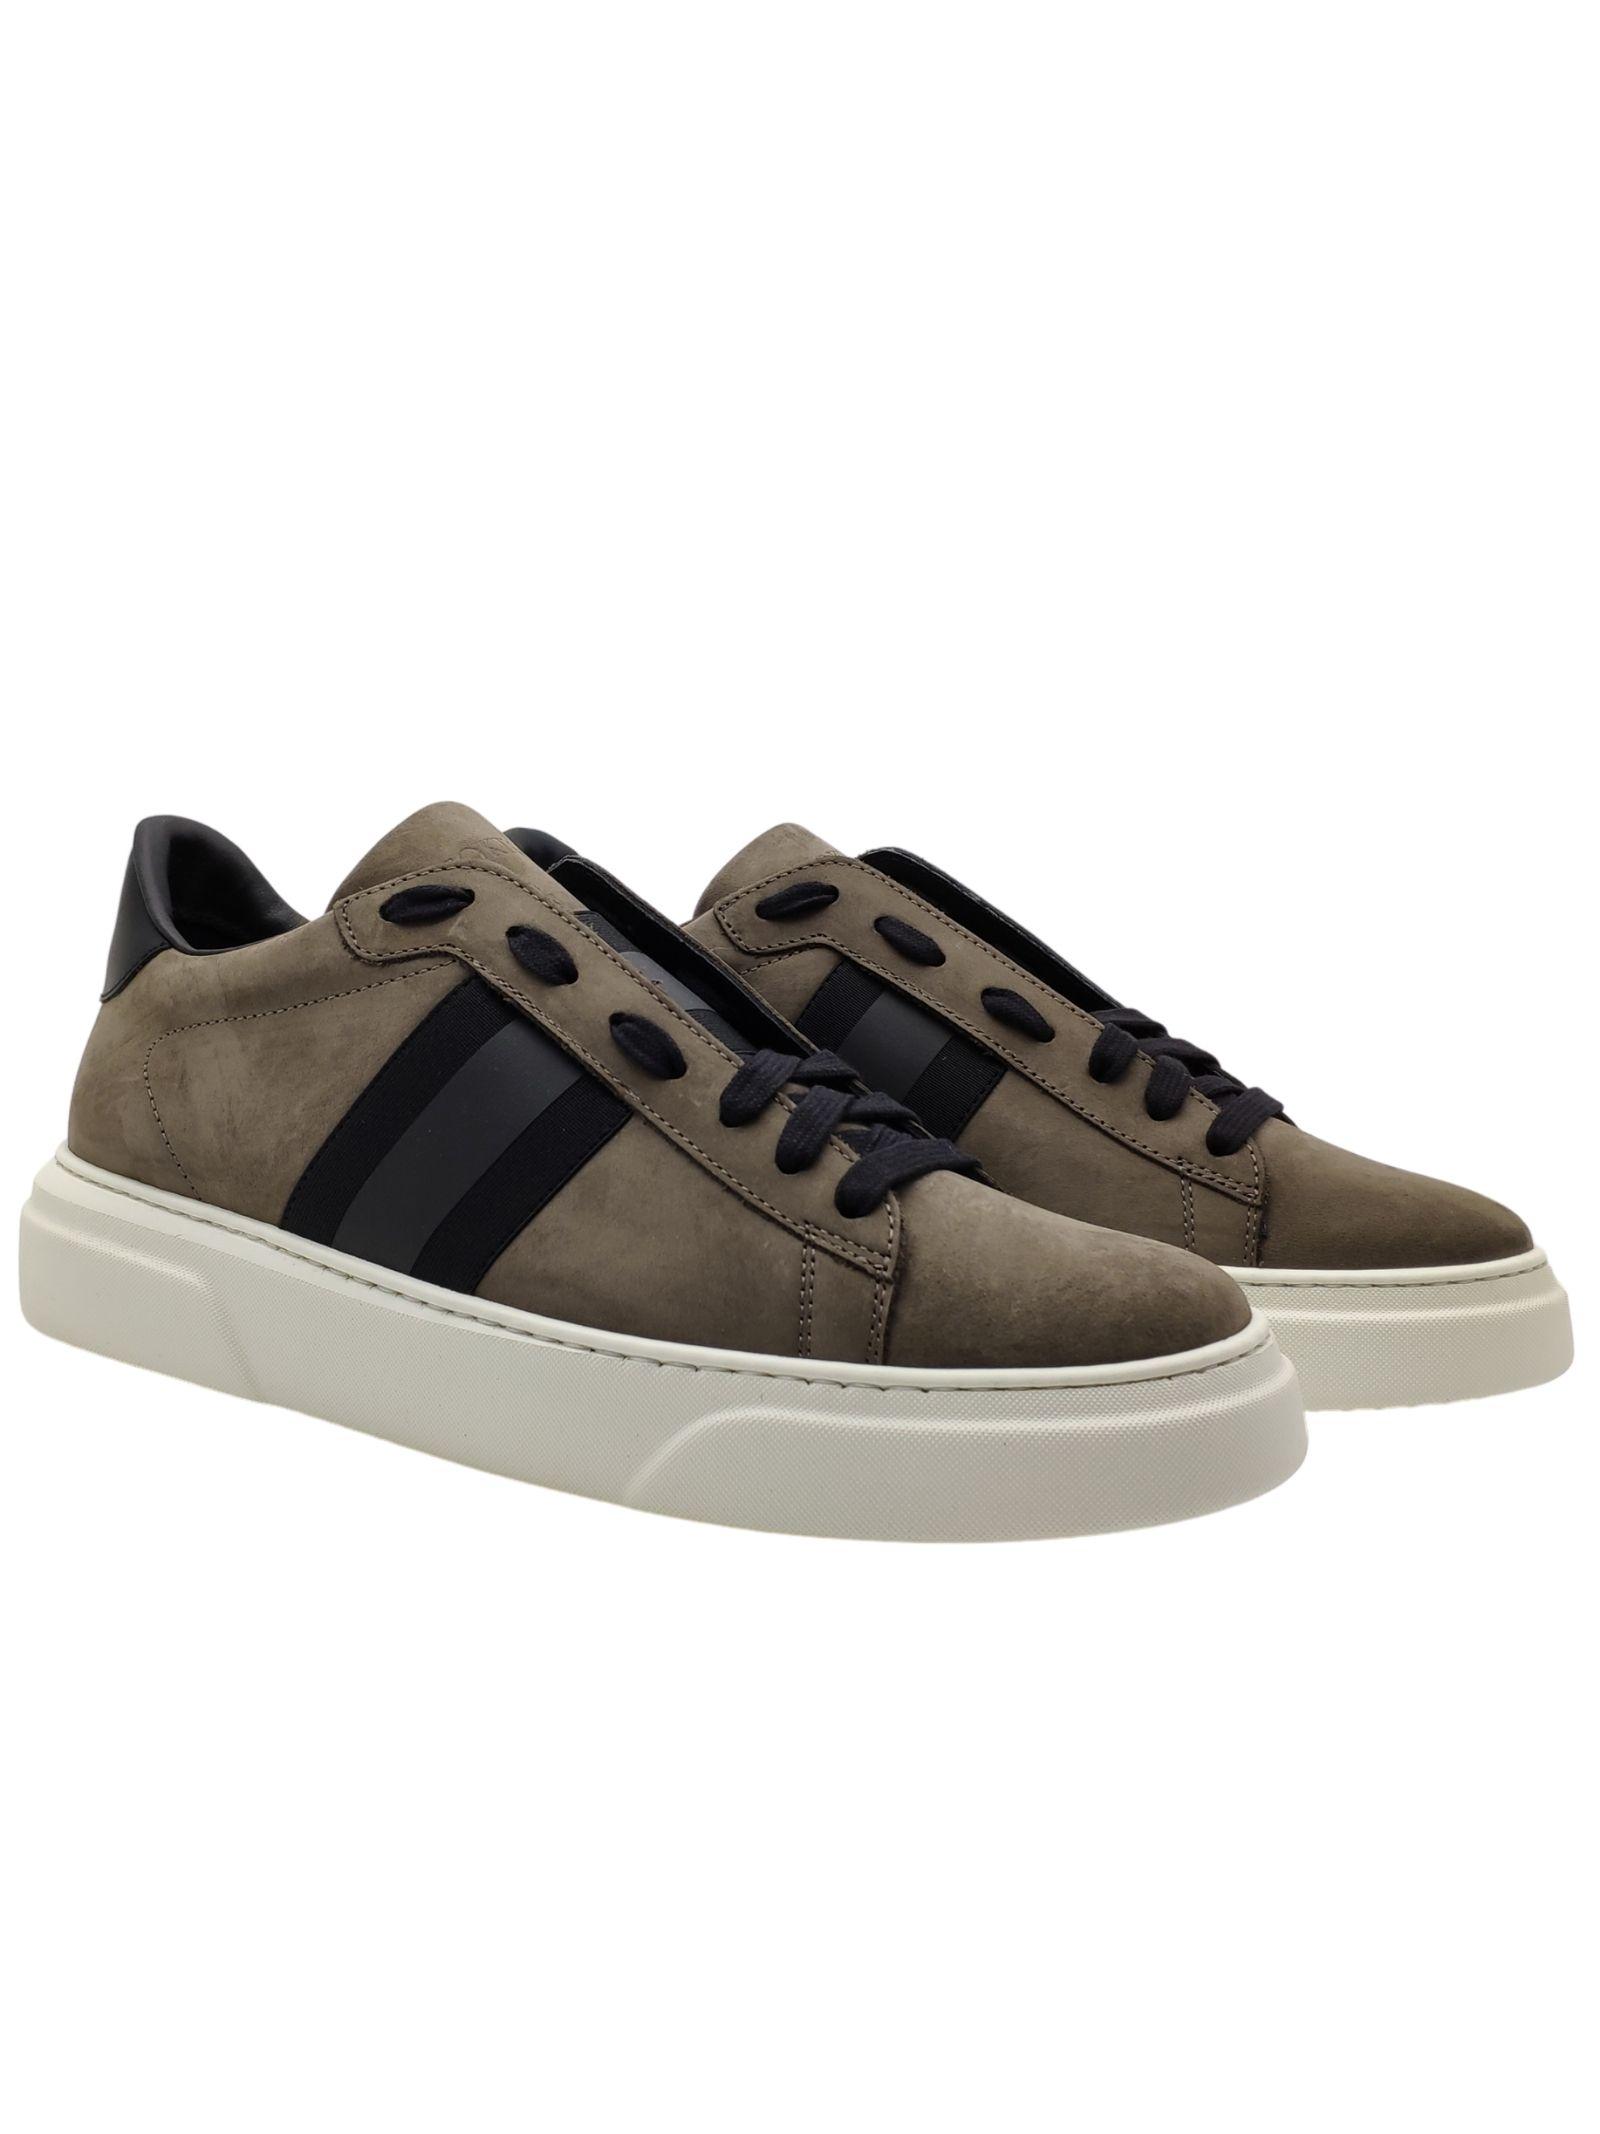 Sneakers Lacci Uomo Stokton   Sneakers   650-UTAUPE